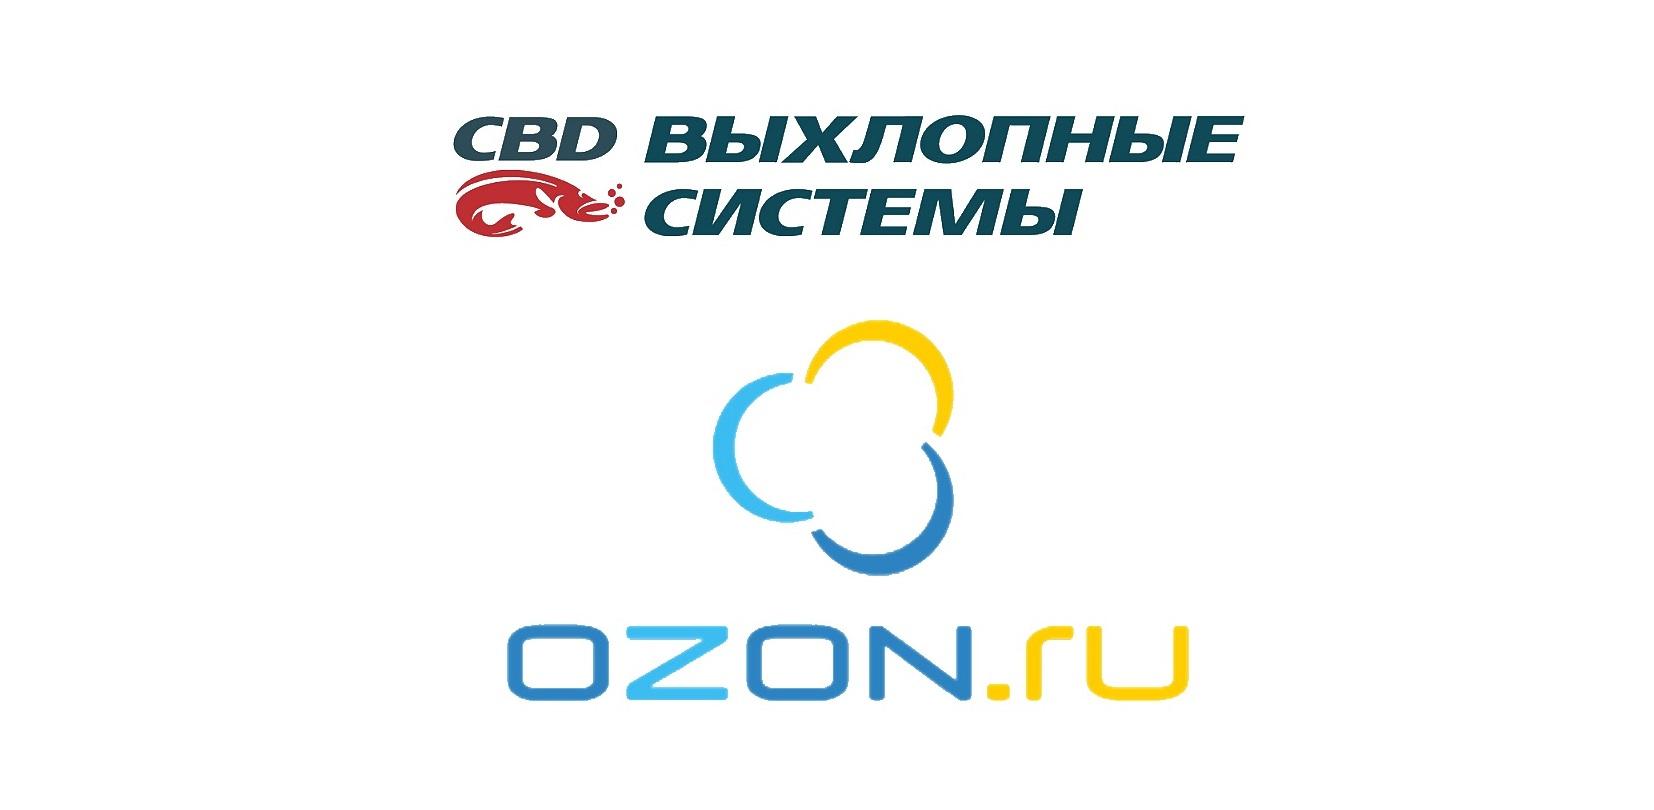 Начало продаж в интернет-магазине OZON